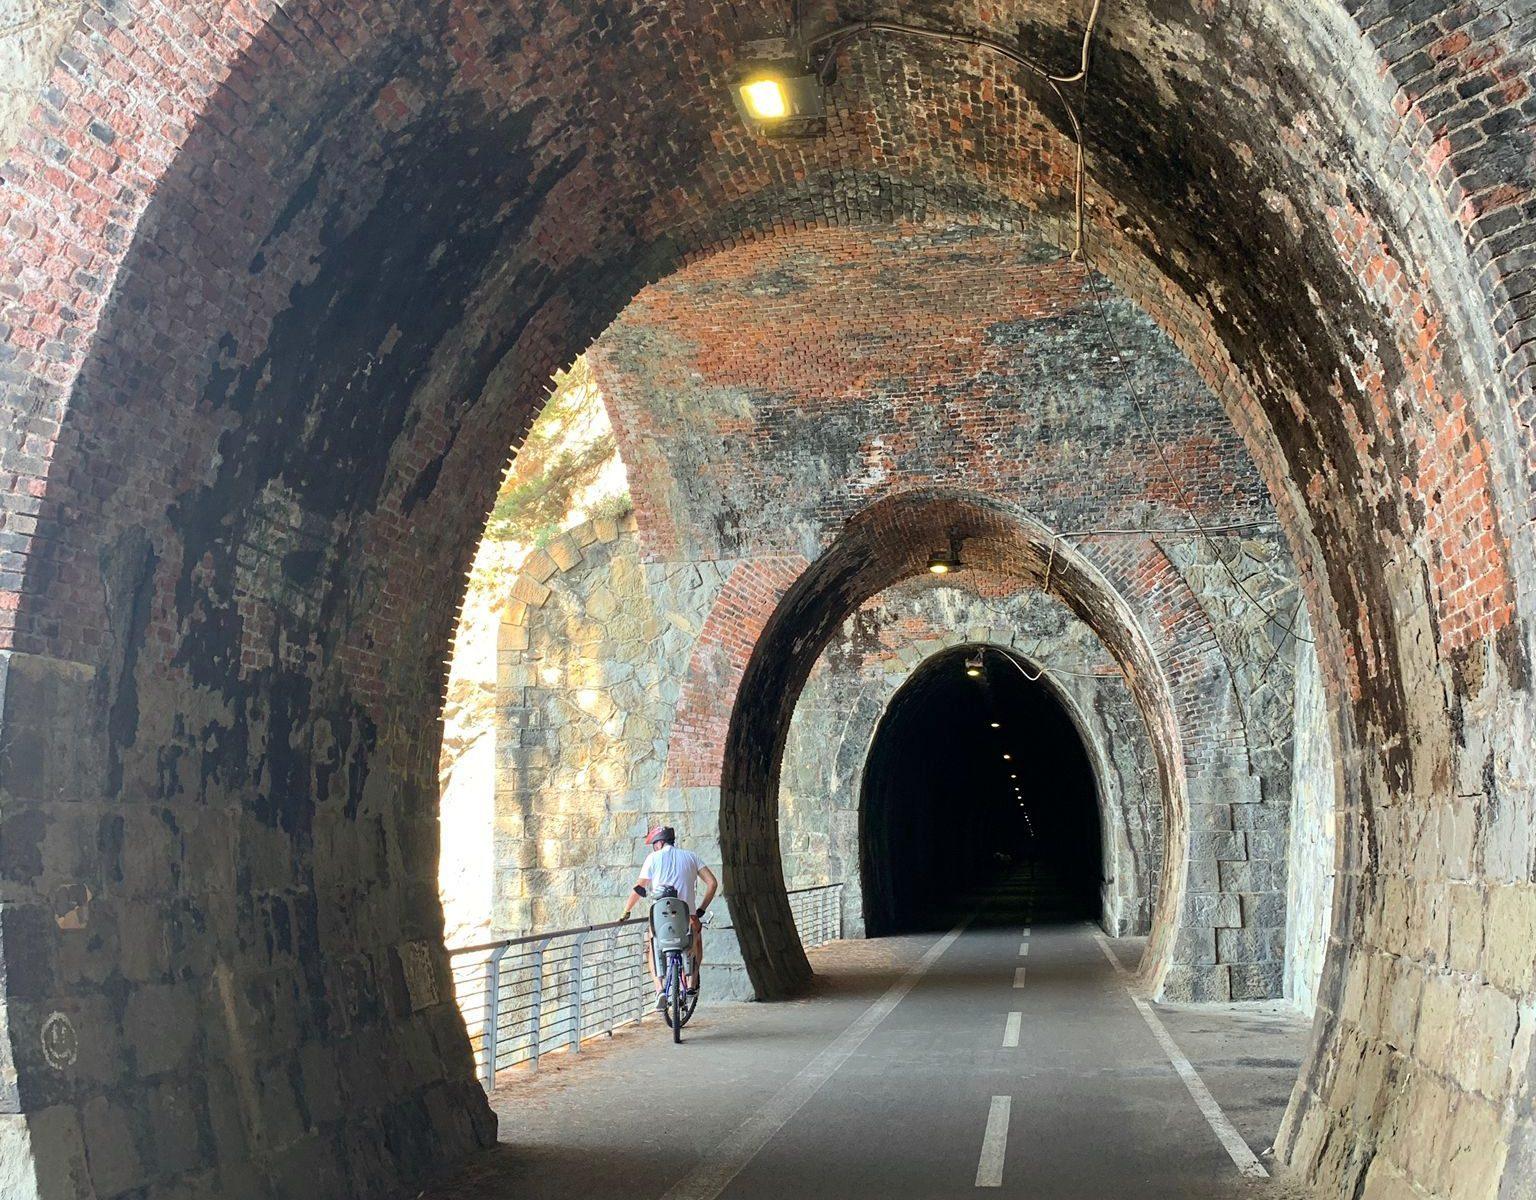 La Ciclopedonabile Maremonti si svolge quasi interamente in vecchie gallerie ferroviarie che viaggiano parallelamente alla costa.